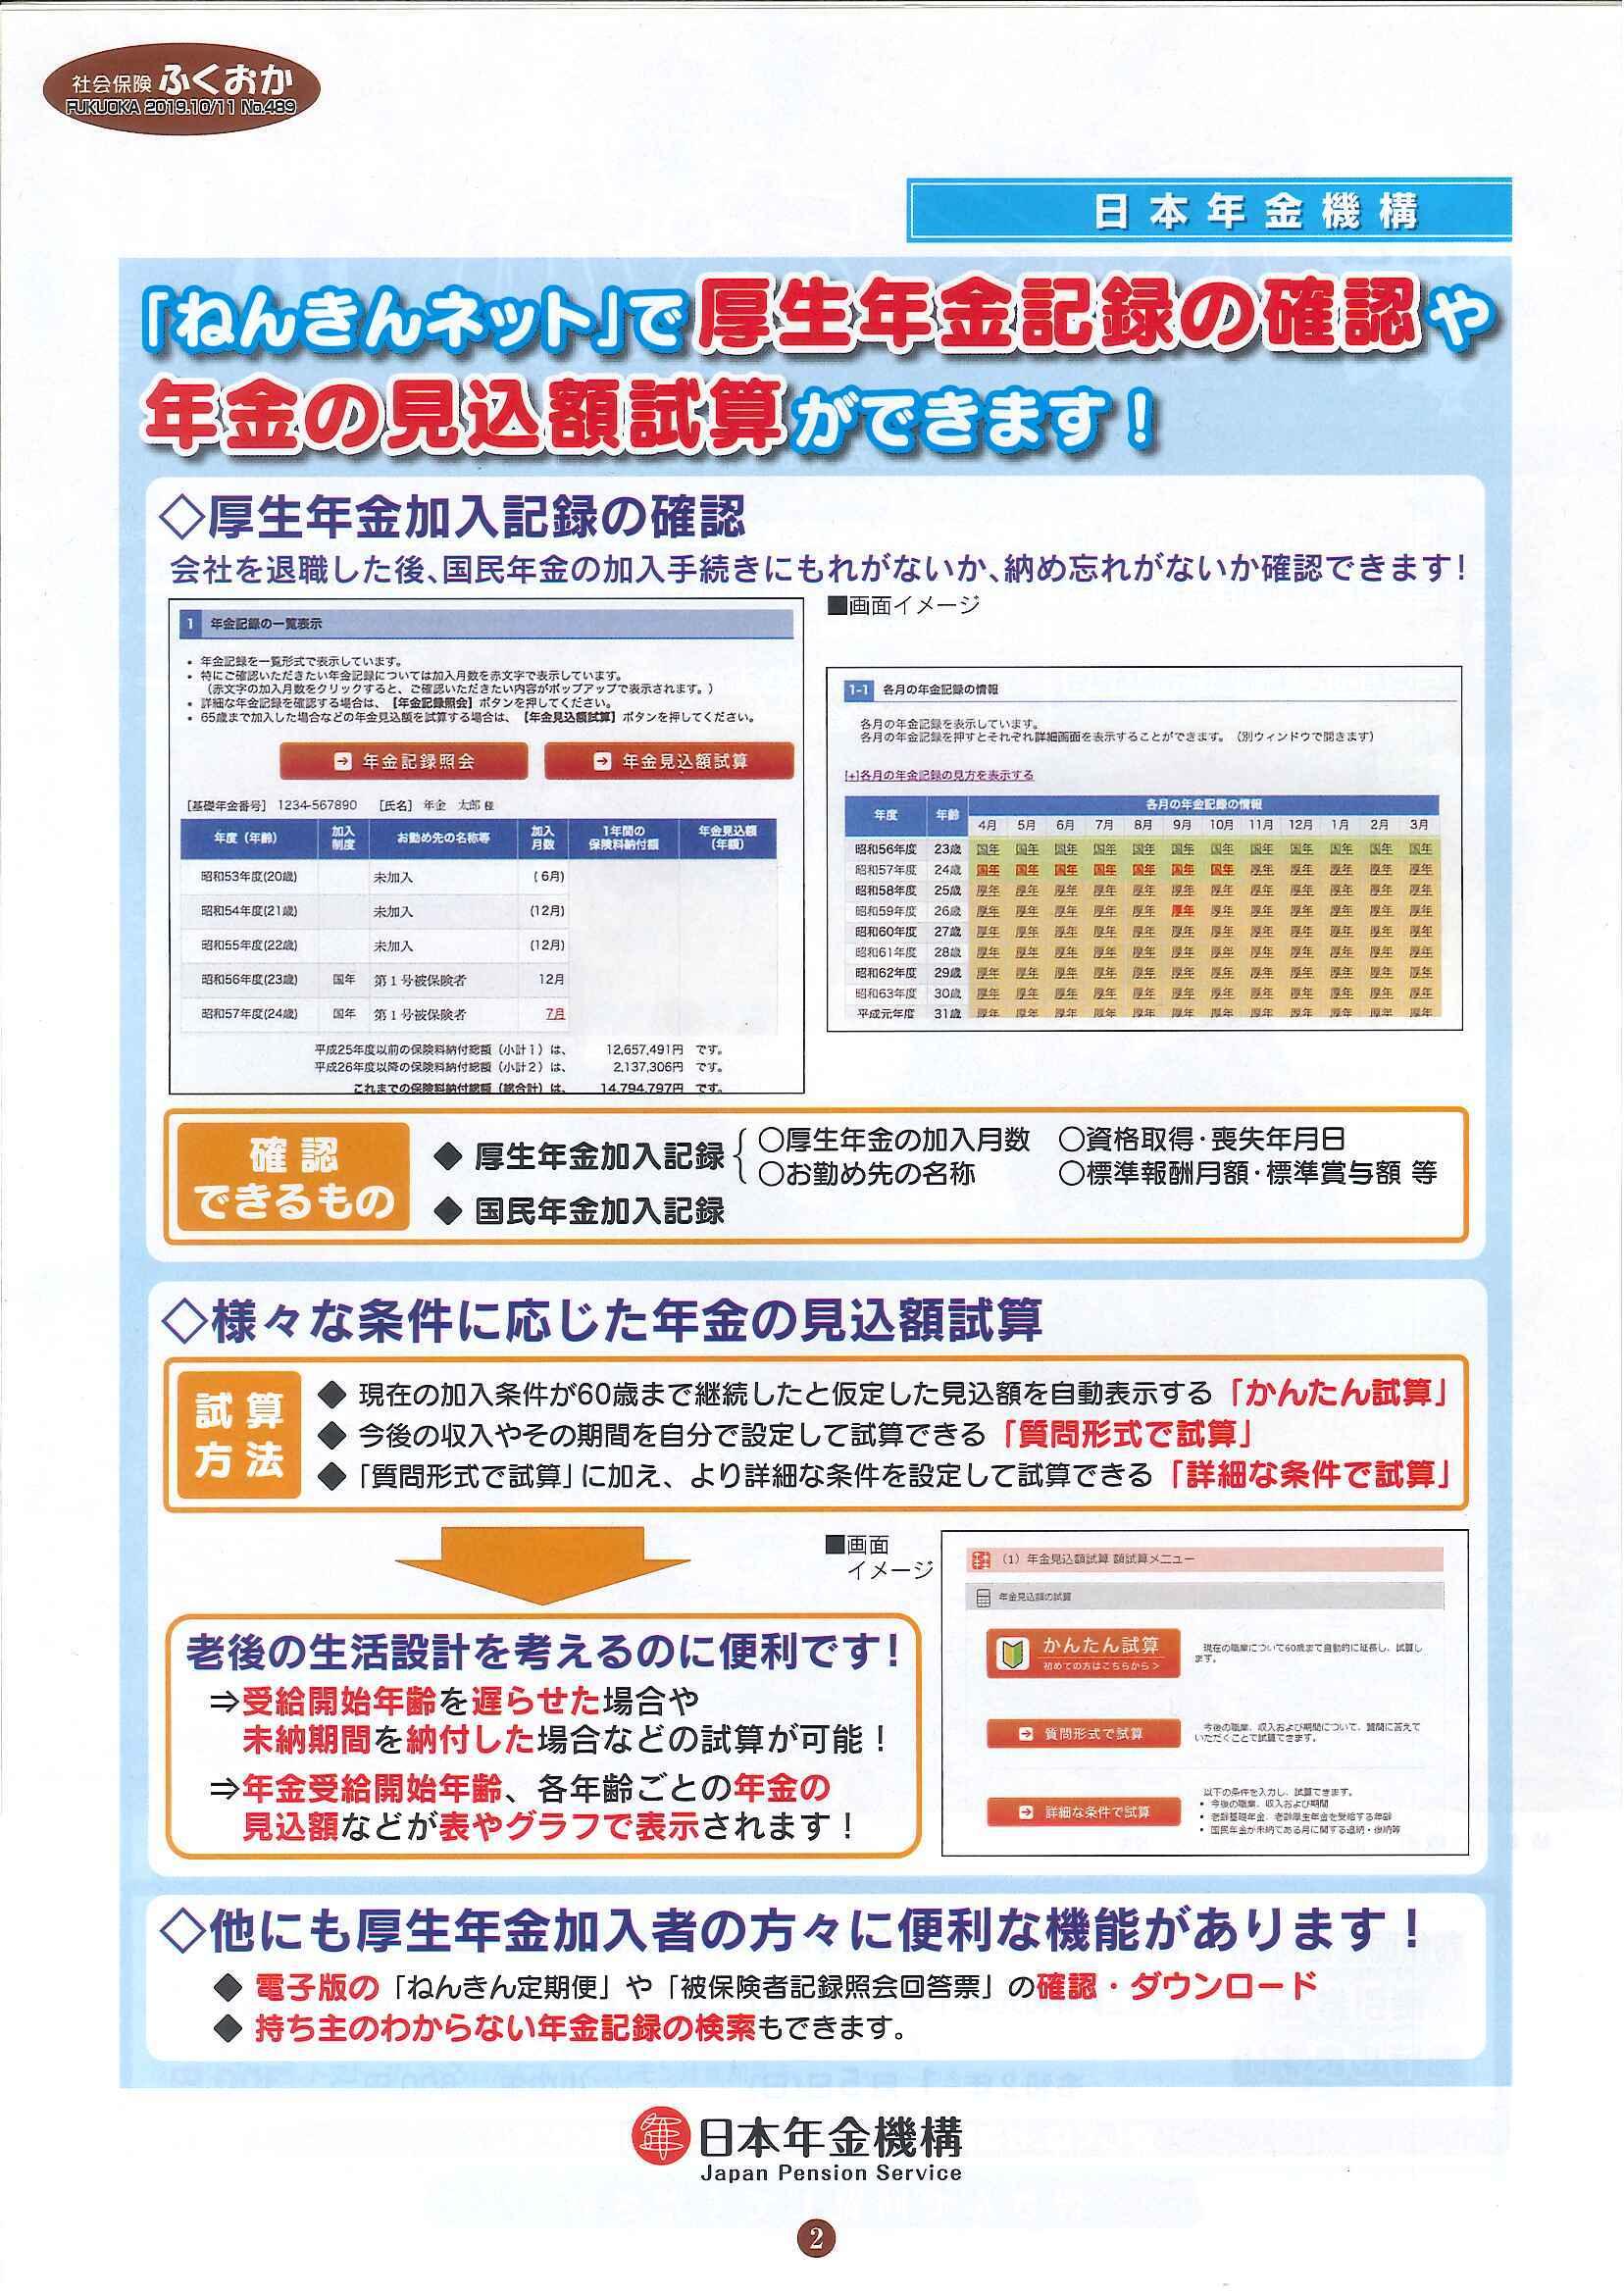 社会保険 ふくおか 2019年10・11月号_f0120774_11313360.jpg